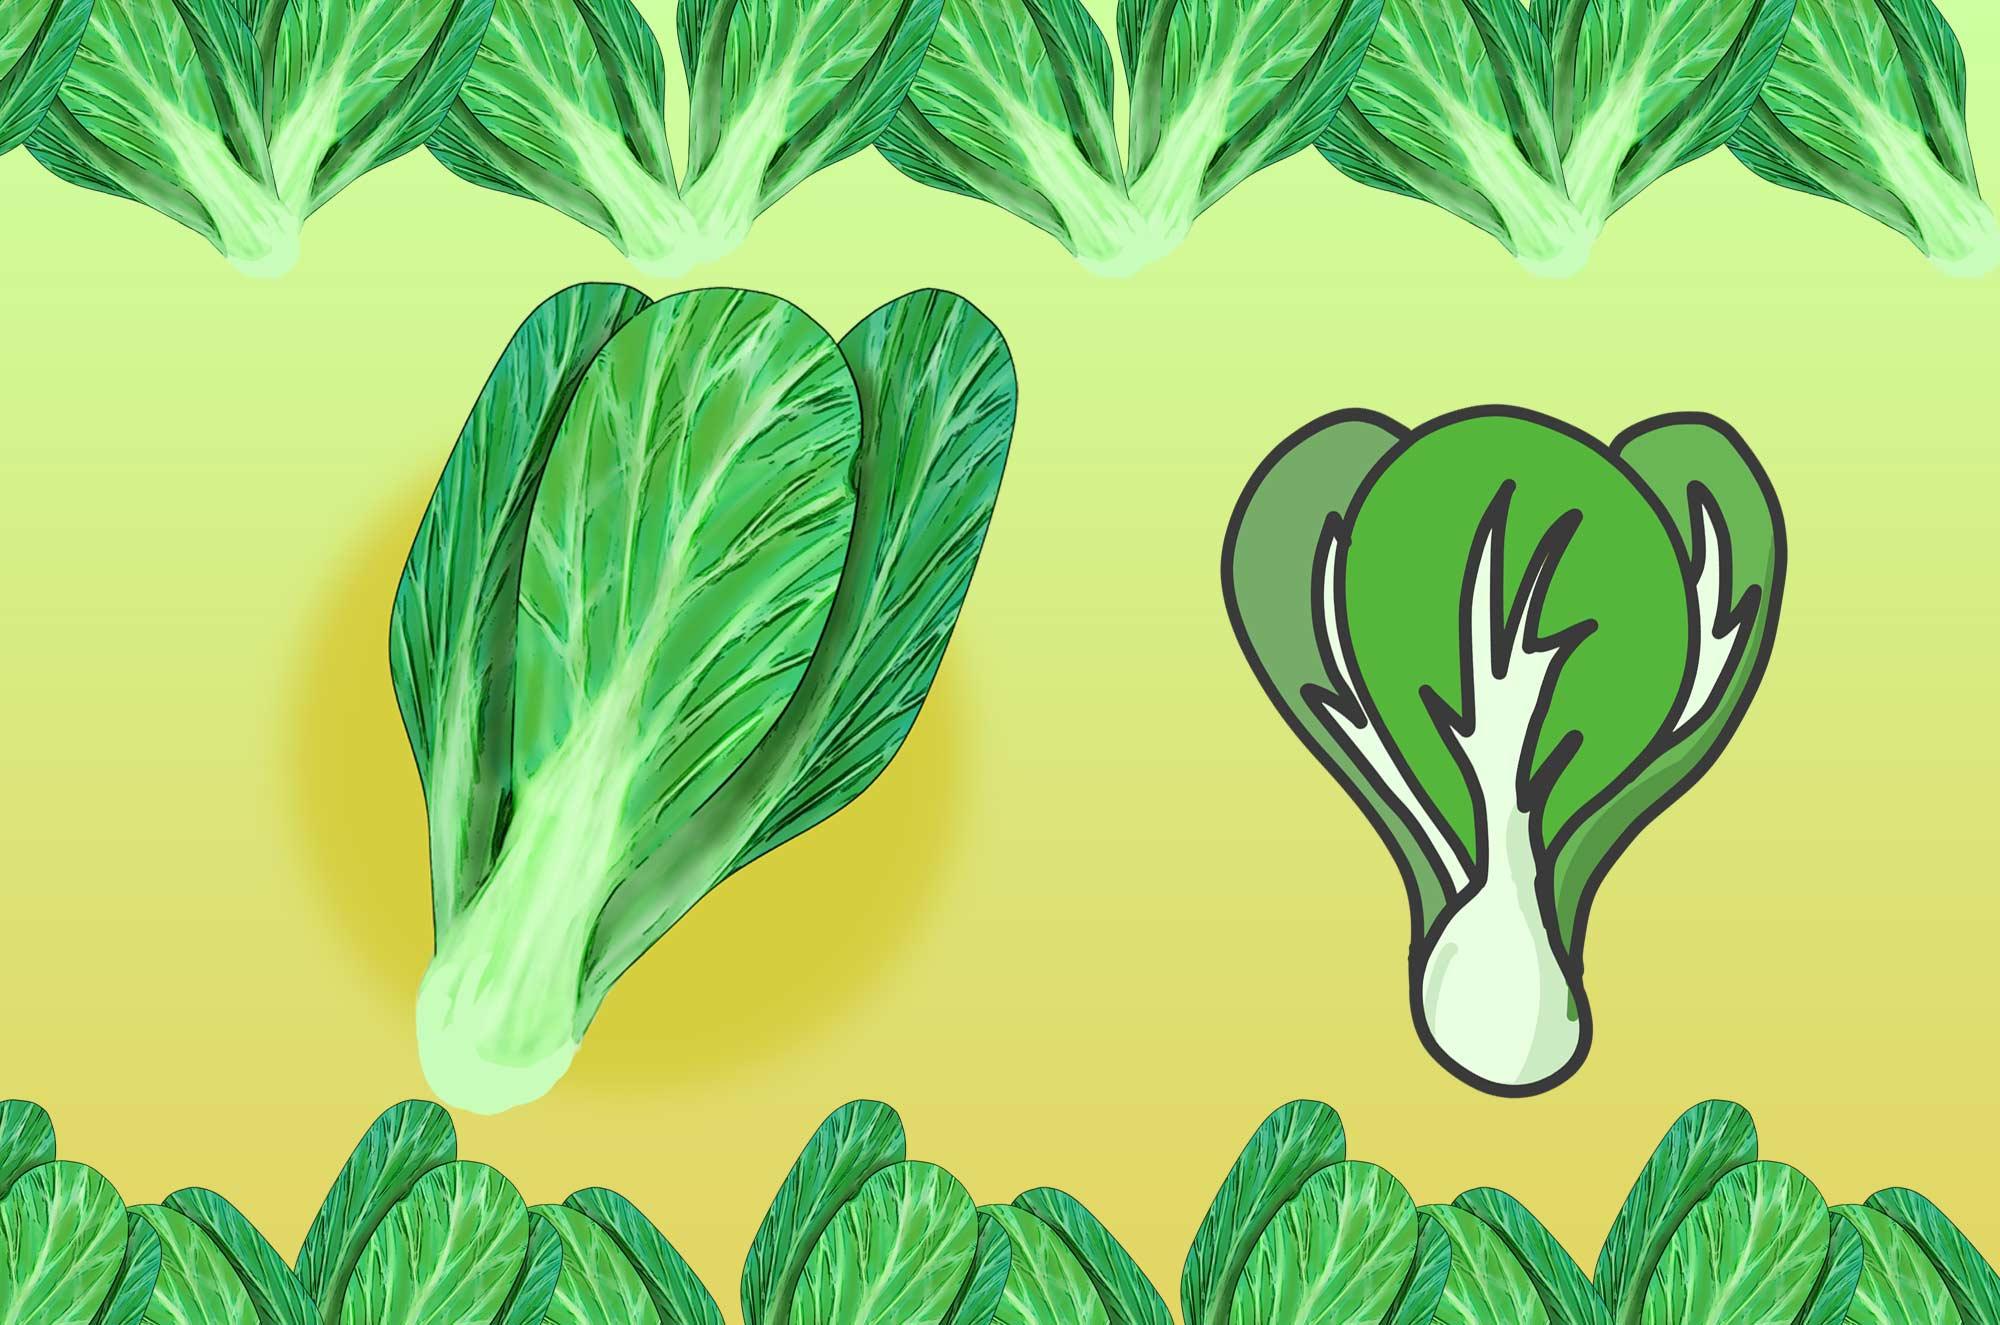 可愛いチンゲン菜のイラスト - 新鮮な中華野菜素材